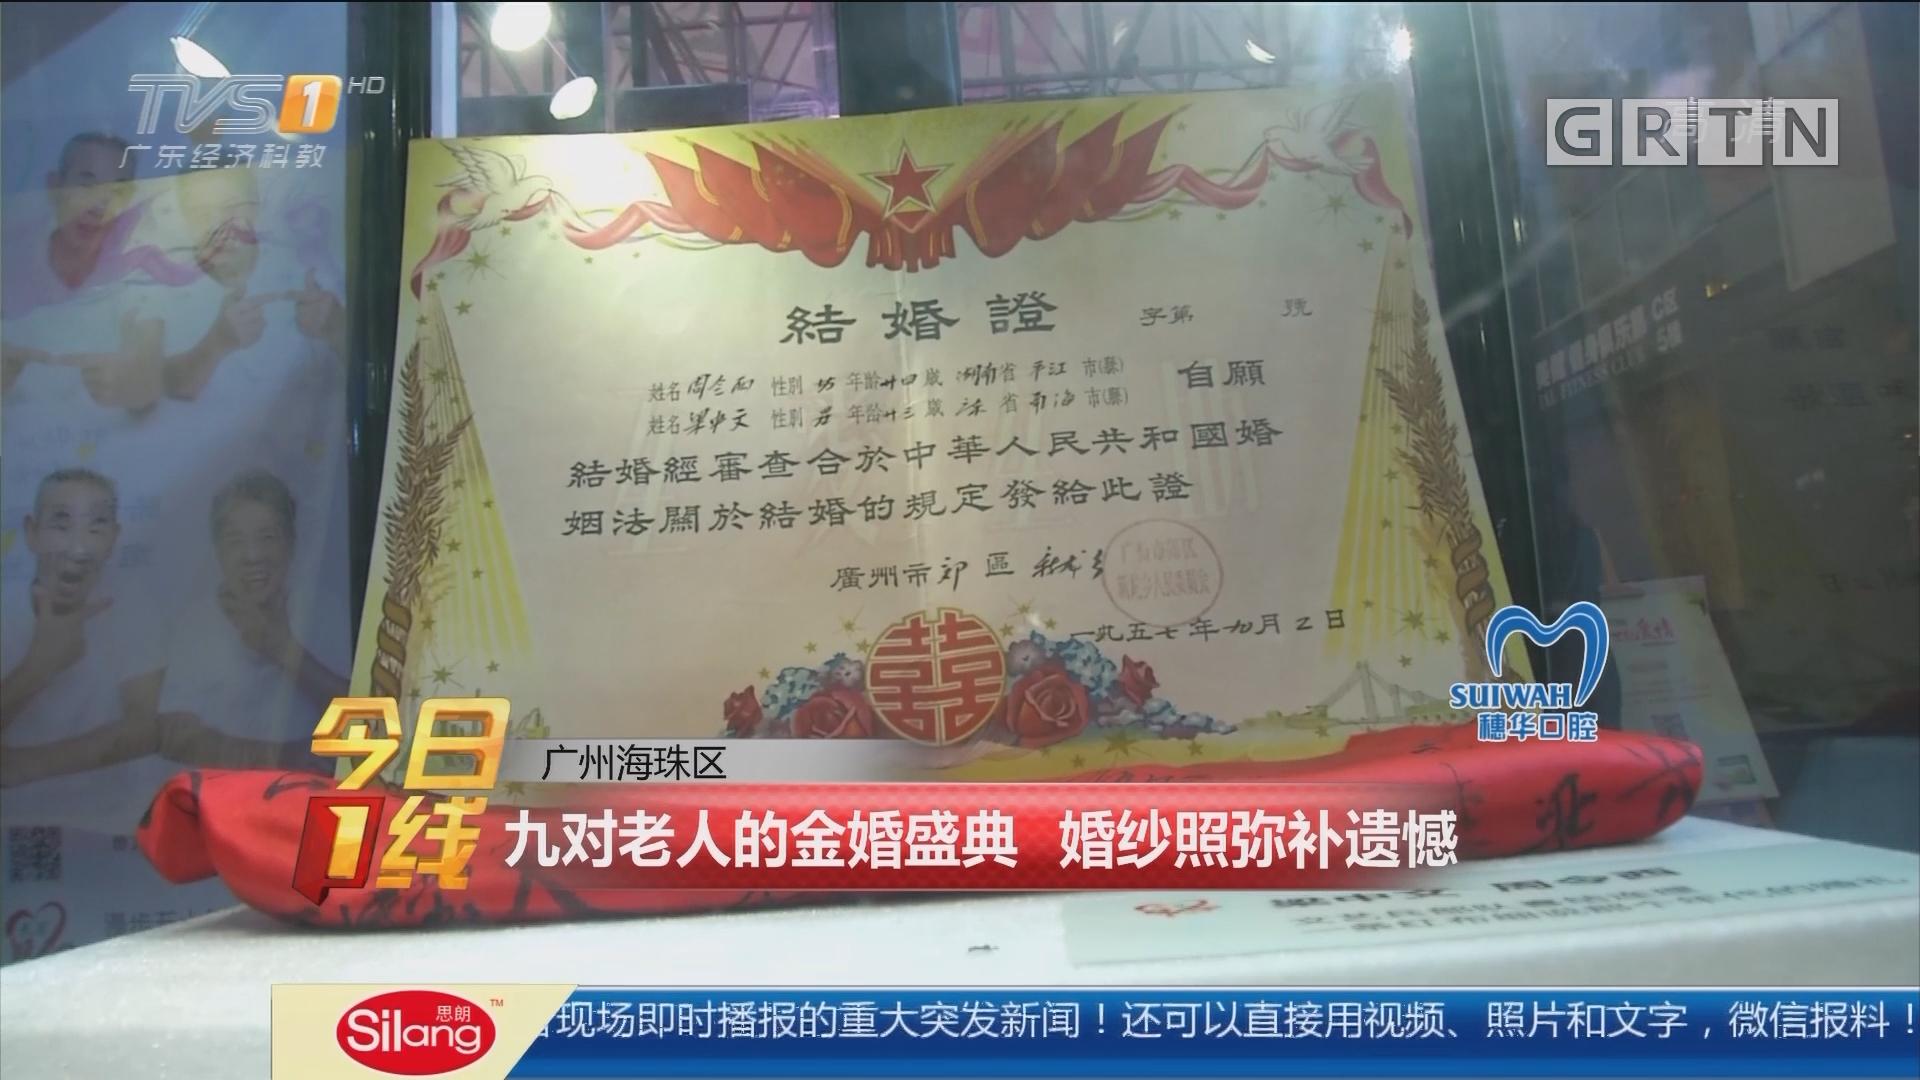 广州海珠区:九对老人的金婚盛典 婚纱照弥补遗憾